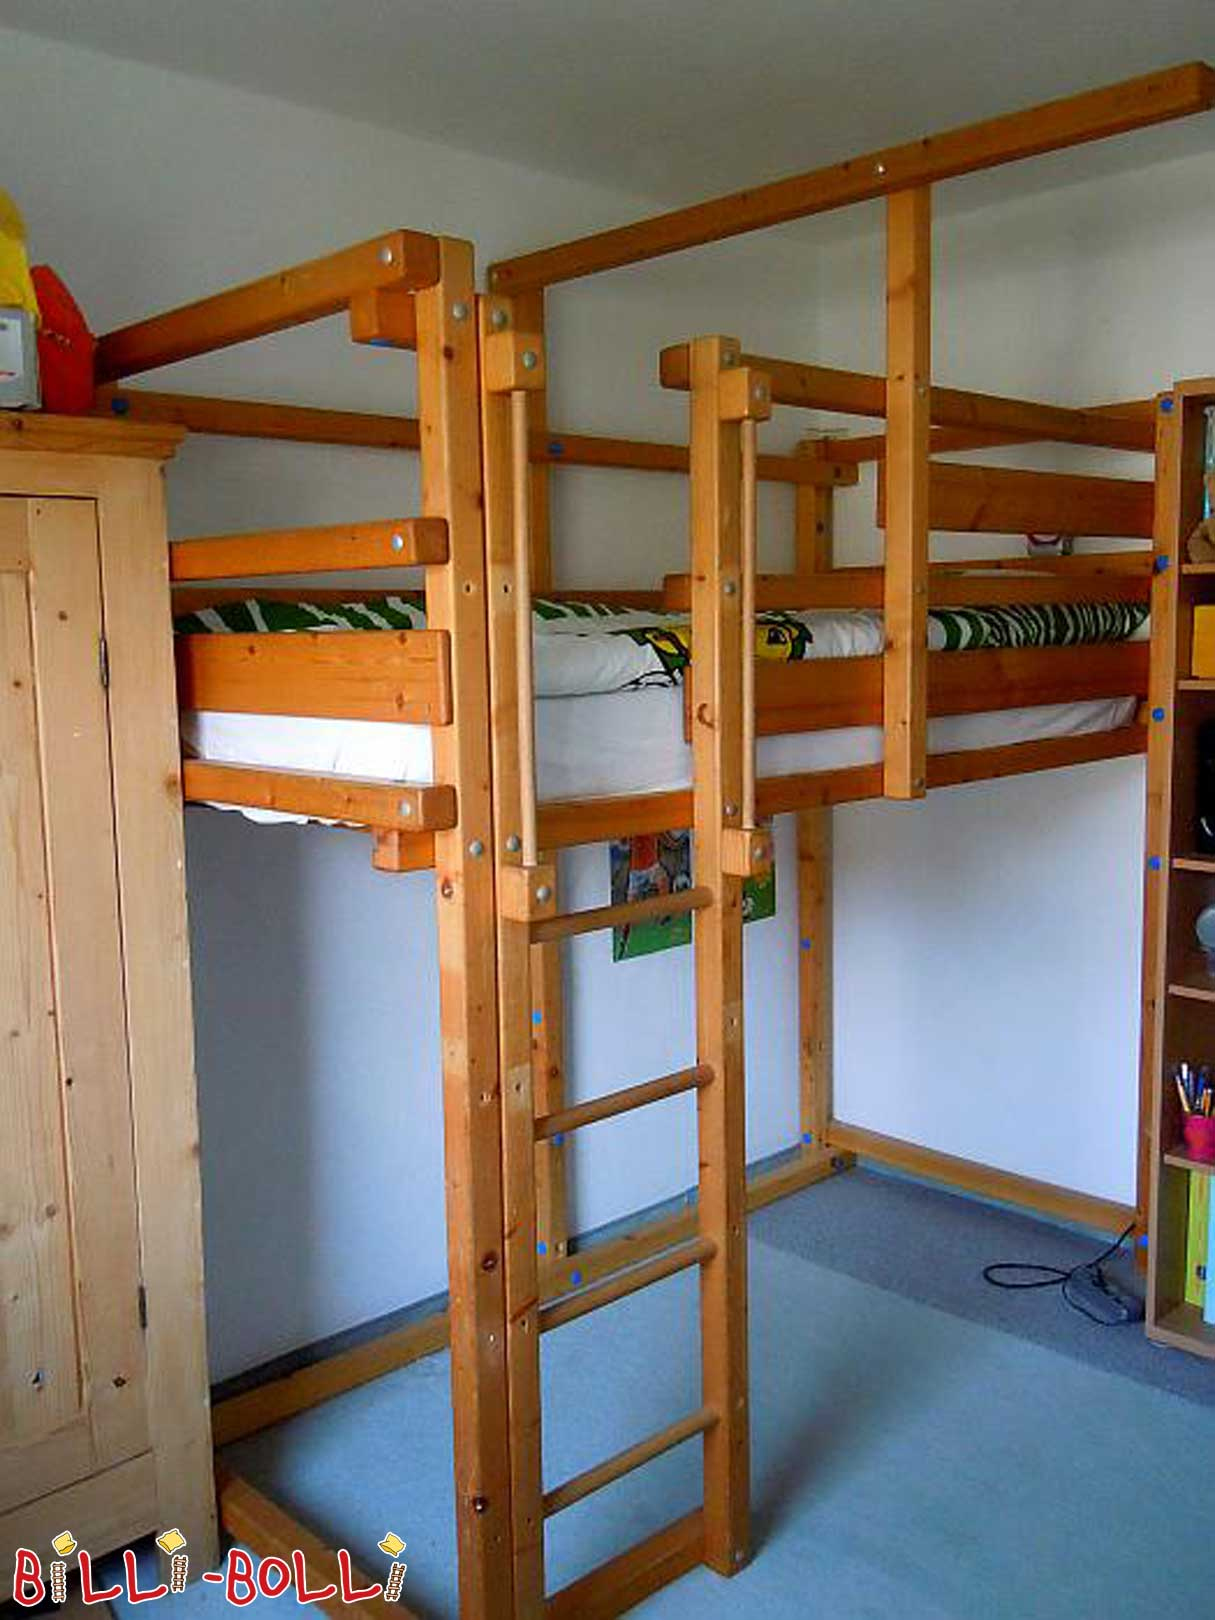 secondhand seite 115 billi bolli kinderm bel. Black Bedroom Furniture Sets. Home Design Ideas